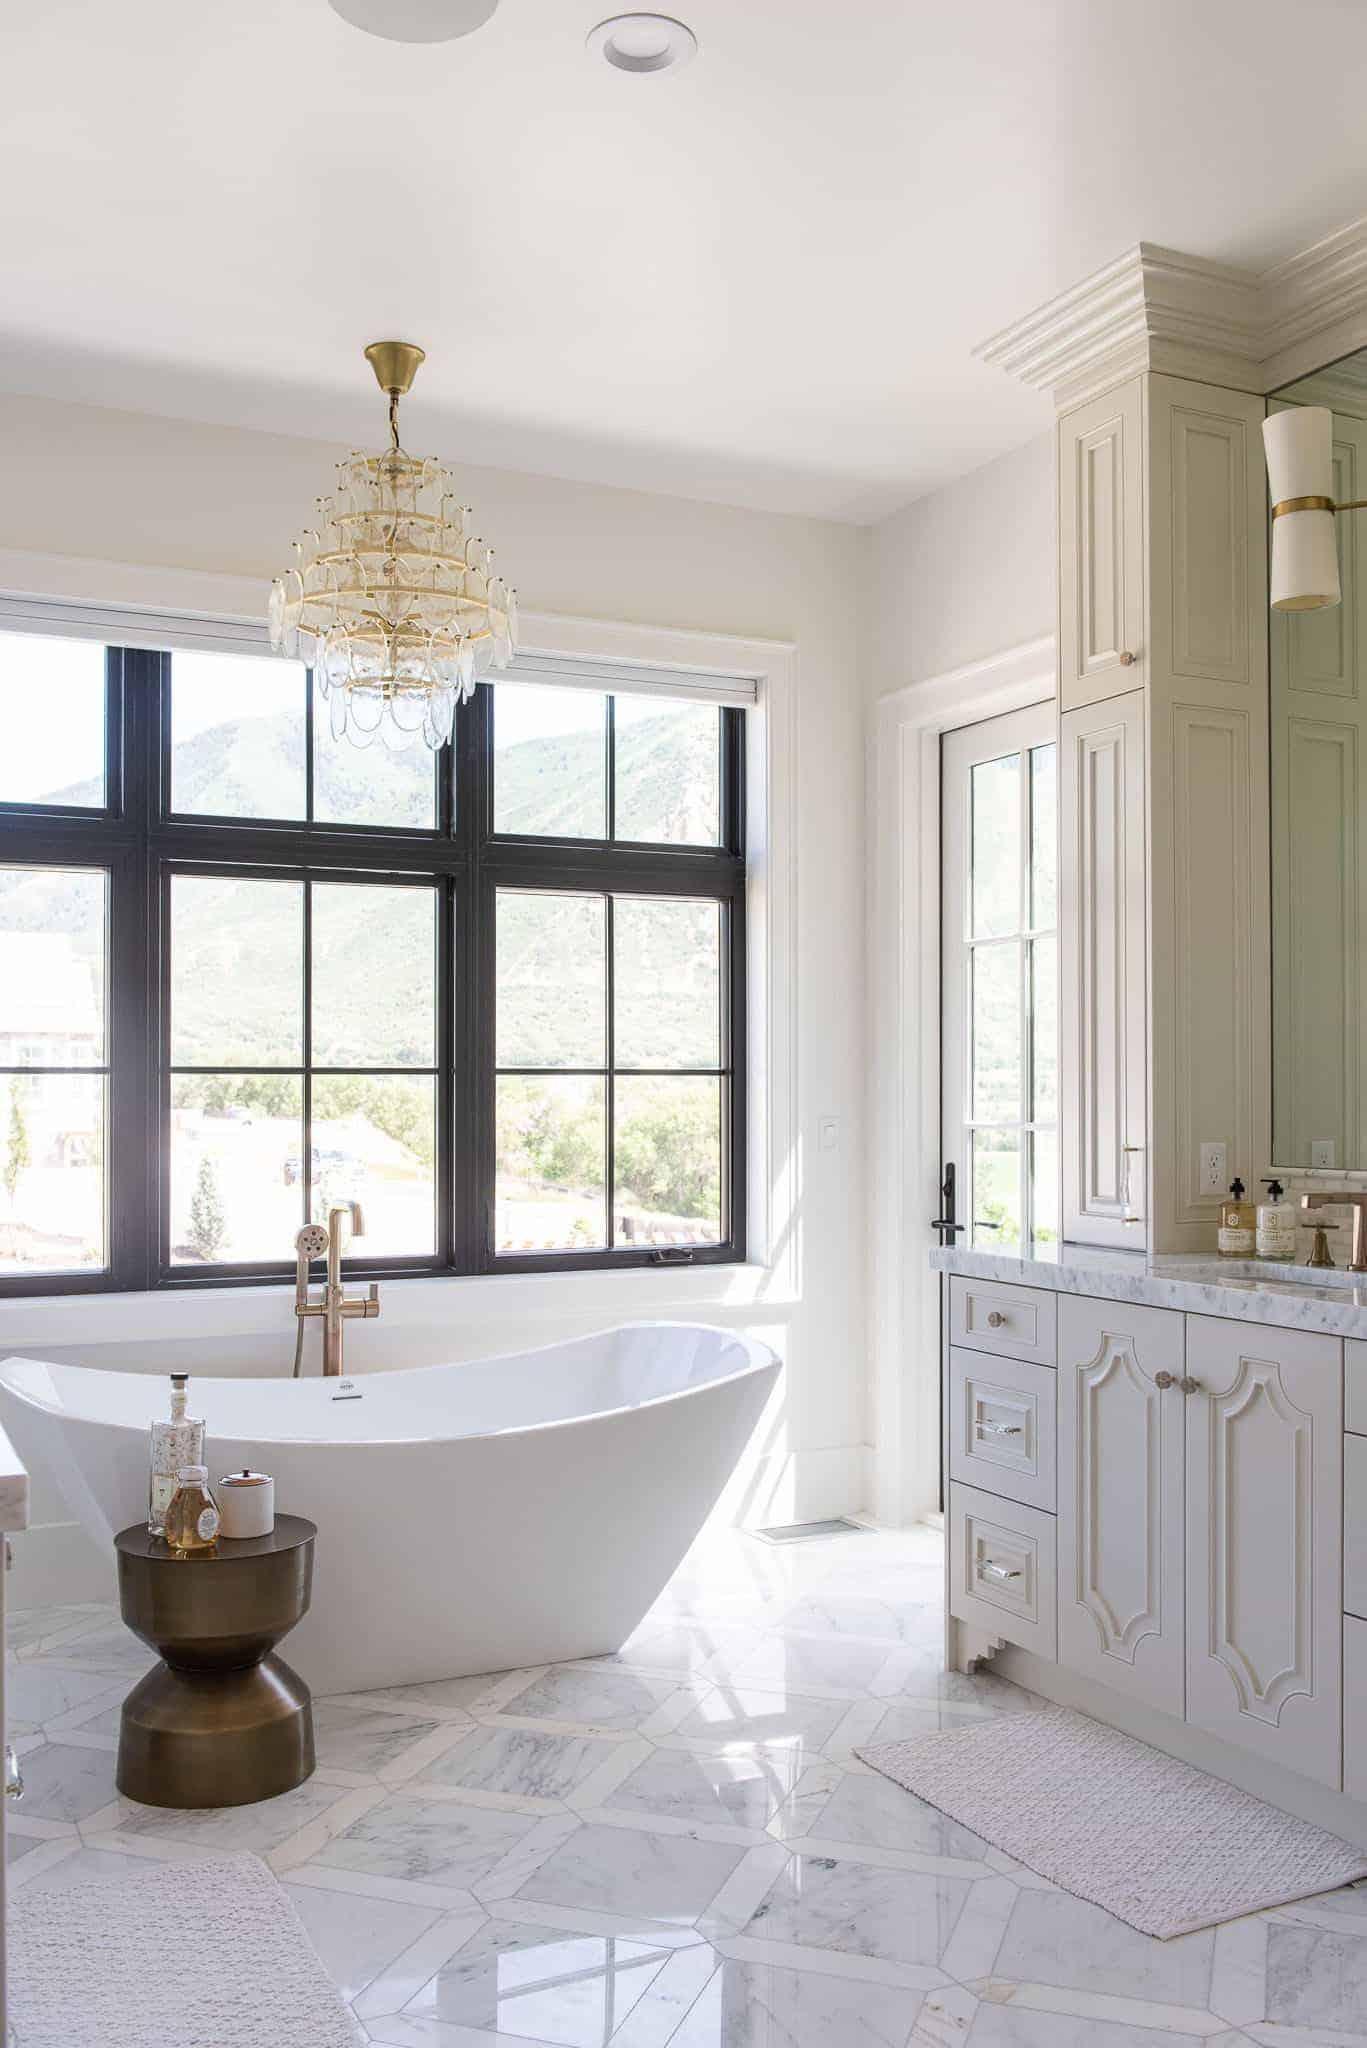 moderno uređena kupaonica u europskom stilu